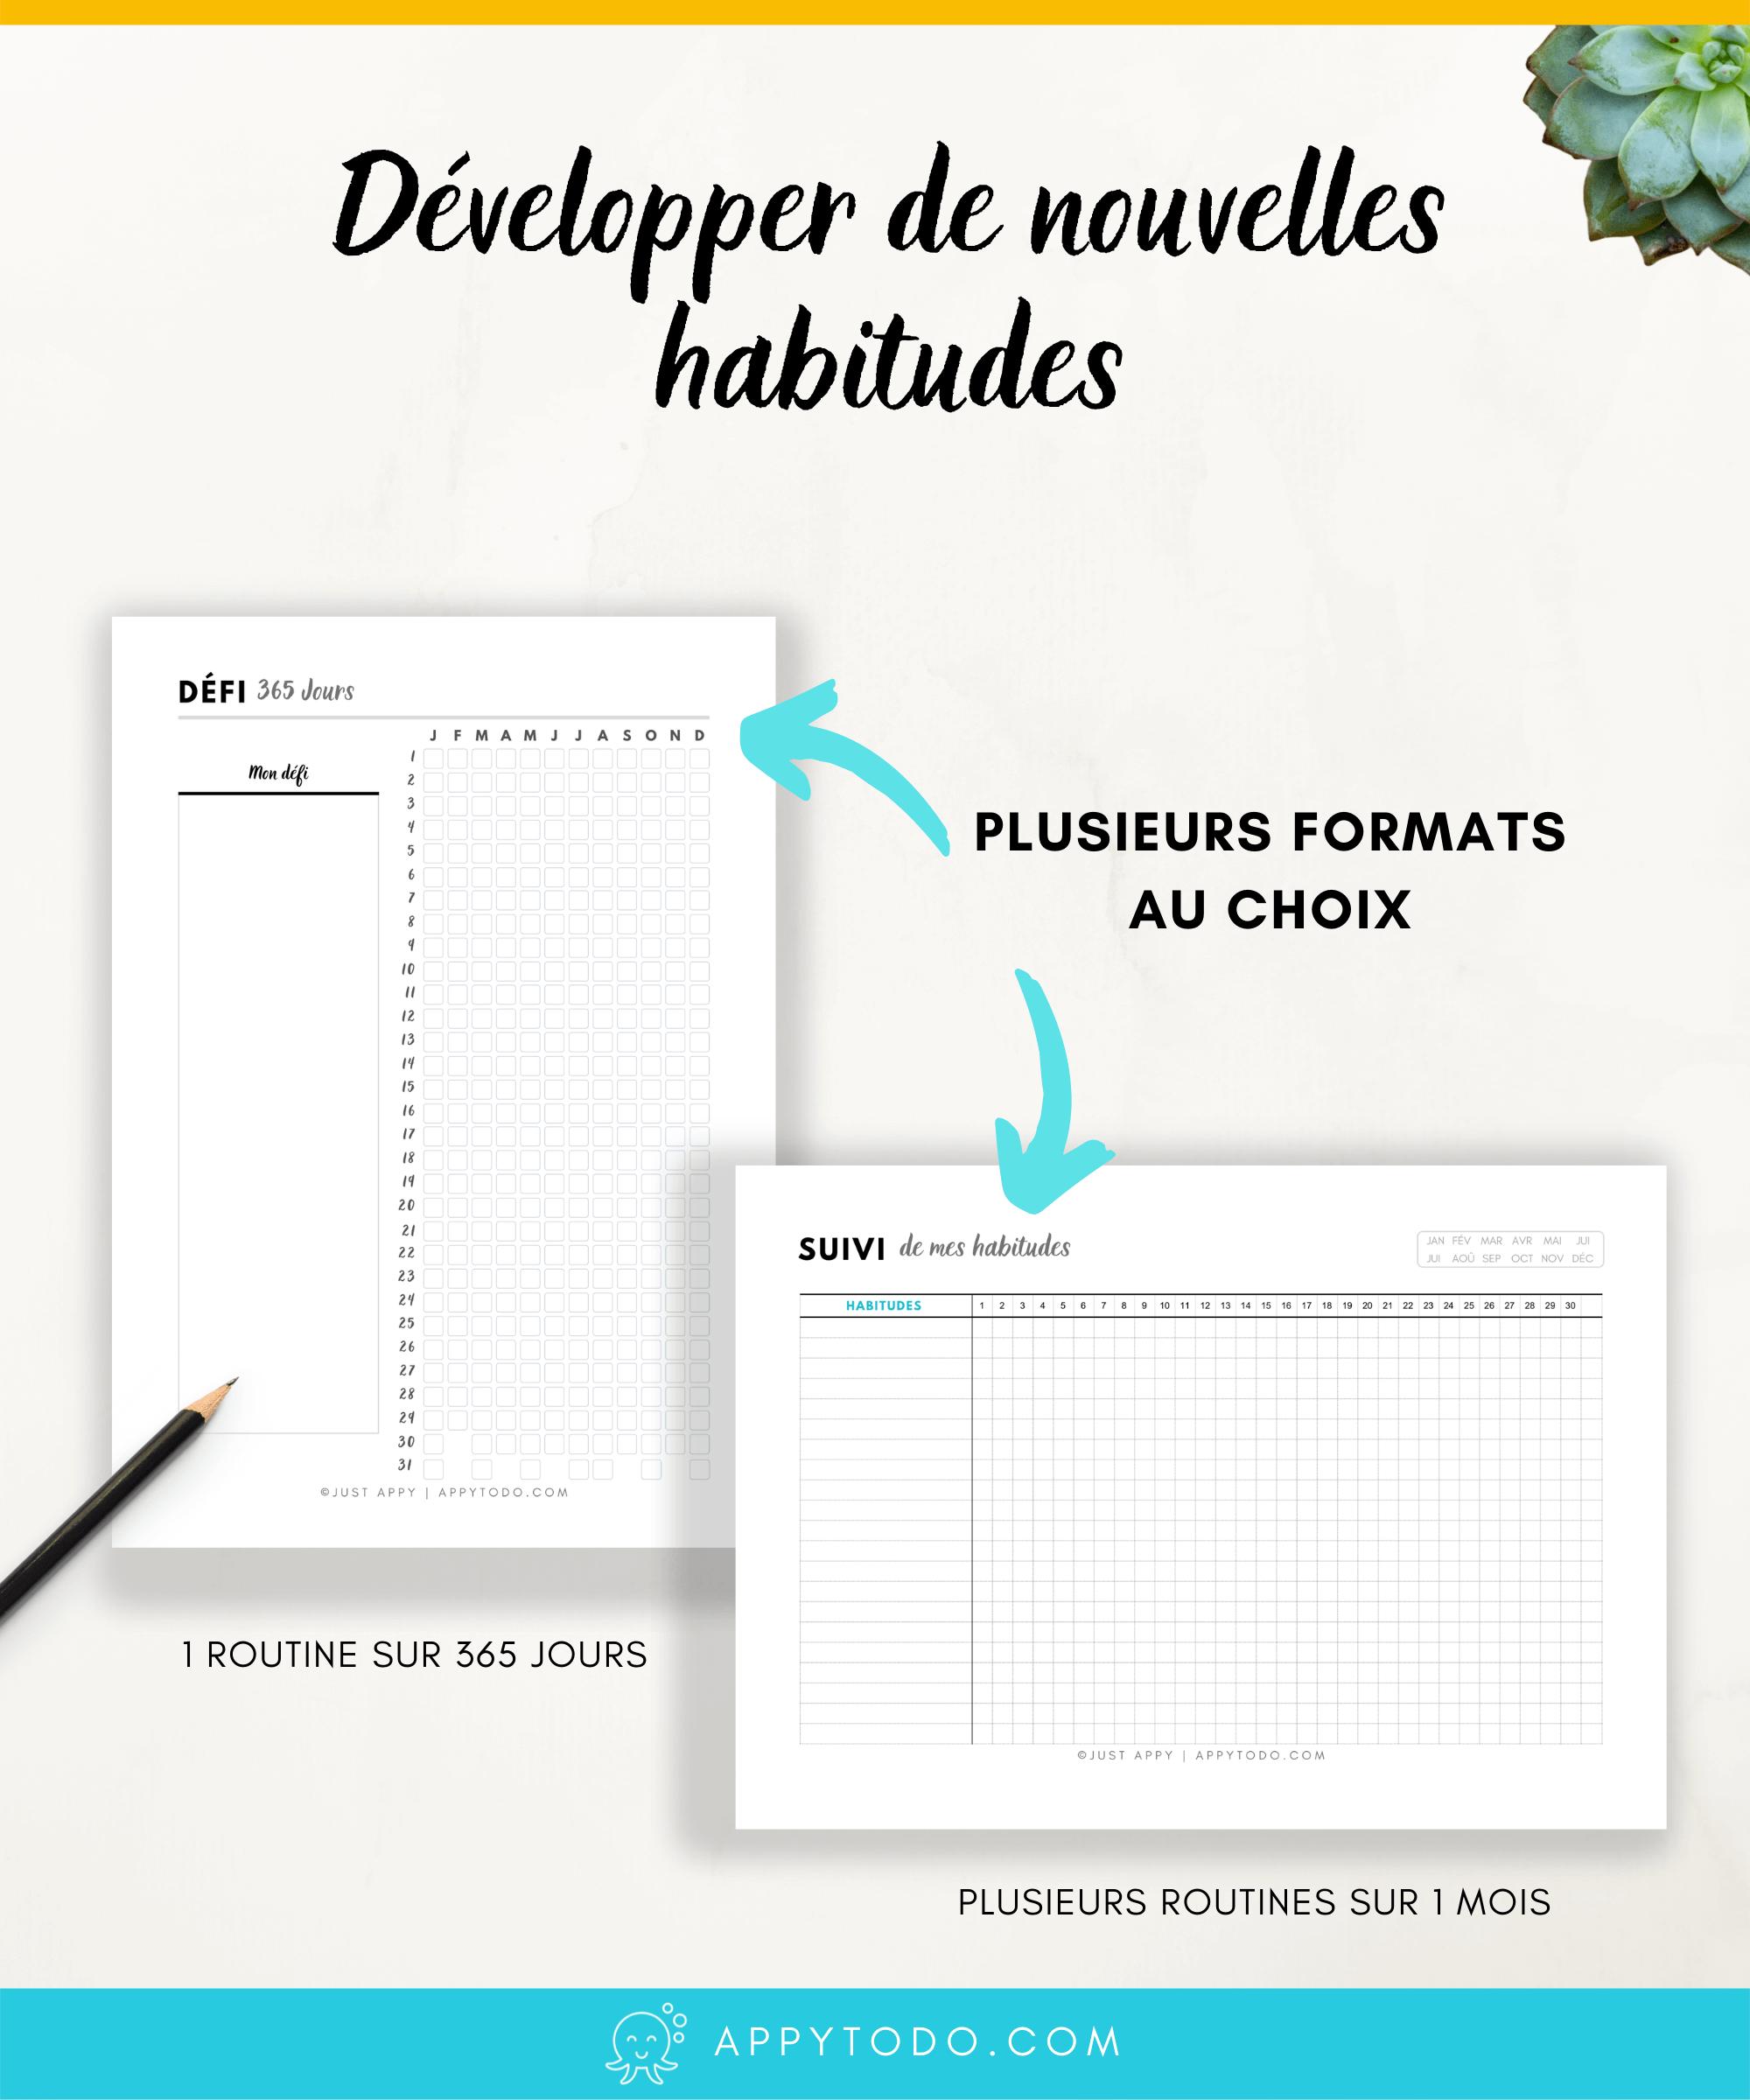 Découvrez l'Appy Kit Routines. 22 fiches et trackers en français pour suivre vos routines et développer de nouvelles habitudes. Format A4 et A5, fiches à télécharger et imprimer. Inclus : suivi d'habitudes annuel, trimestriel, mensuel, hebdomadaire, journalier, suivi des routines du matin et du soir, citations pour se motiver, et bien plus. Ces printables sont à découvrir dans la boutique de appytodo. #printables #tracker #routines via @catherineappytodo